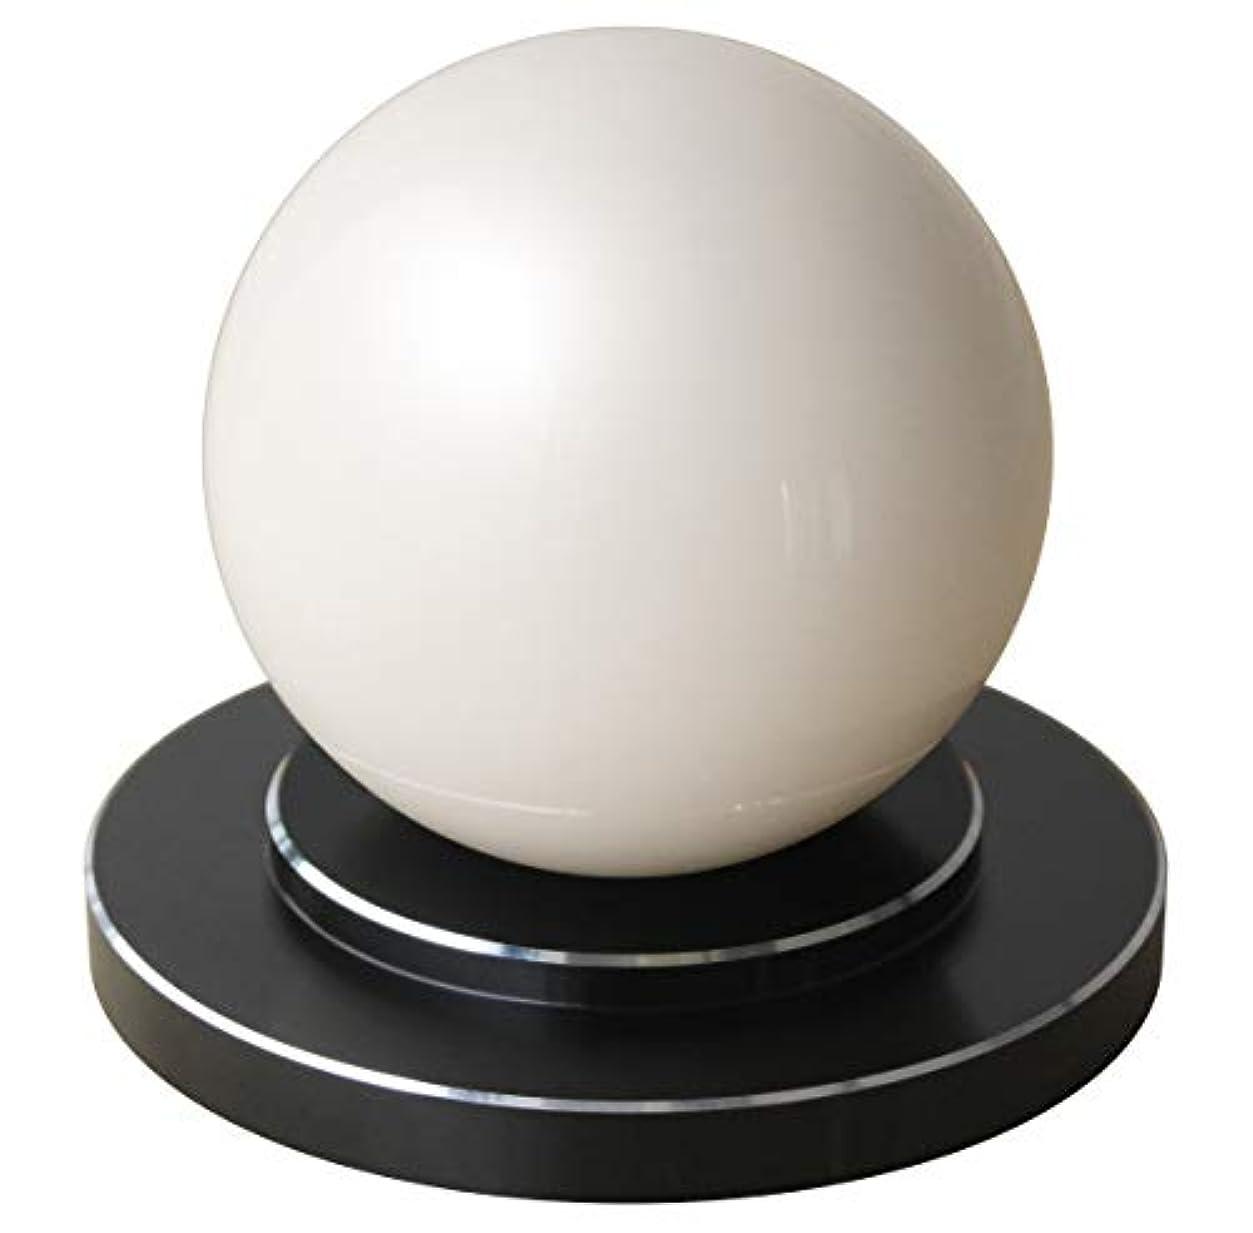 何か雰囲気かみそり商品名:楽人球(らくときゅう):インテリアにもなるスタイリッシュな指圧器。光沢のある大きな球体。美しさと指圧の実力を兼ね備えた全く新しいタイプの指圧器。筋肉のこりをほぐし、リラックスできる。 【 すごく効く理由→一点圧により指圧位置の微調整が可能。大きな球体(直径75mm)により身体にゆるやかに当たる。硬い球体により指圧部位にしっかり入る。球体と台座が分離することにより、頭、首、肩、背中、腰、胸、腹、お尻、太もも、ふくらはぎ、すね、足裏、腕、身体の前面も背面も指圧部位ごとに使いやすい形状と使用方法(おす?さする?もむ?たたく)を選択可能。】楽人球の「特徴?使用方法?使用上のご注意」に関しての詳細は株式会社楽人のホームページへ→「楽人球」で検索。指圧 指圧器 指圧代用器 整体 マッサージ マッサージ器 ツボ押し ツボ押しグッズ つぼおし つぼ押し 肩こり 腰痛 こりほぐし インテリア